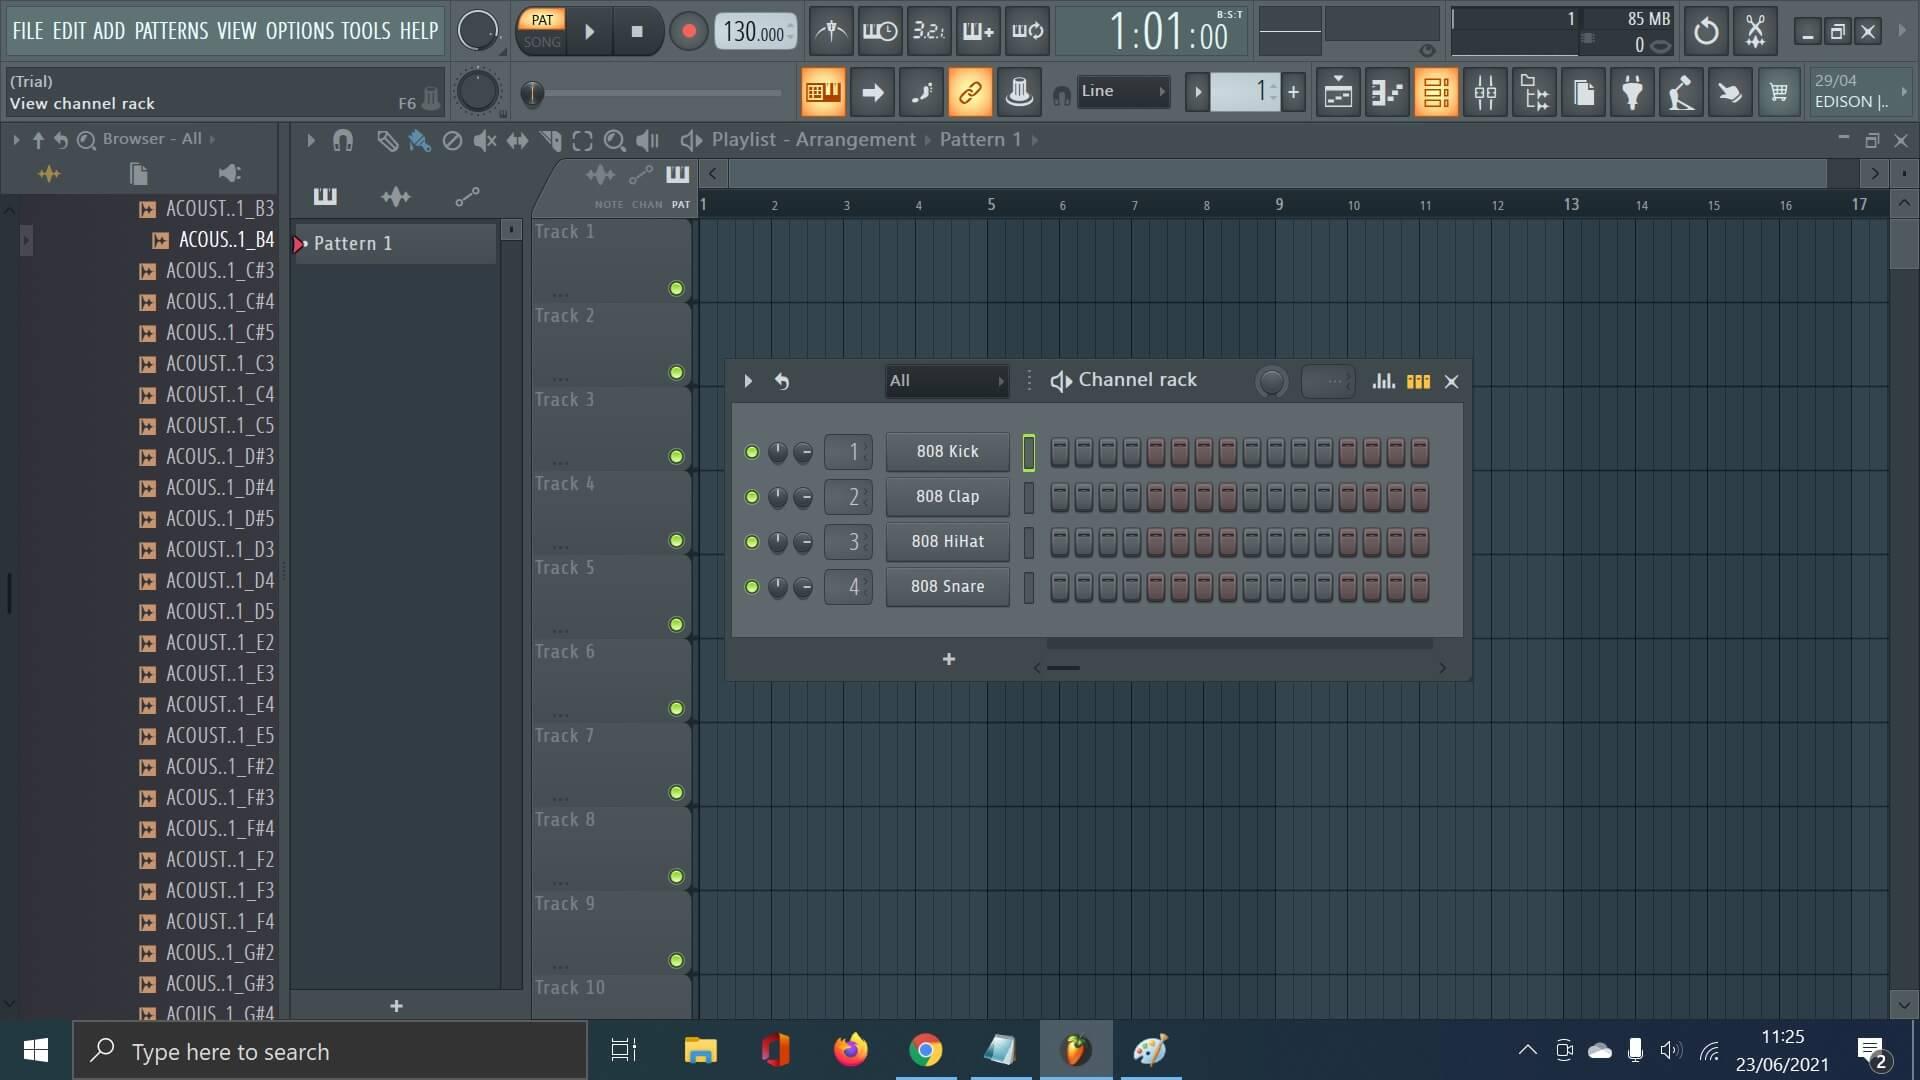 chanel rack FL Studio 20 kakangnurdin.com